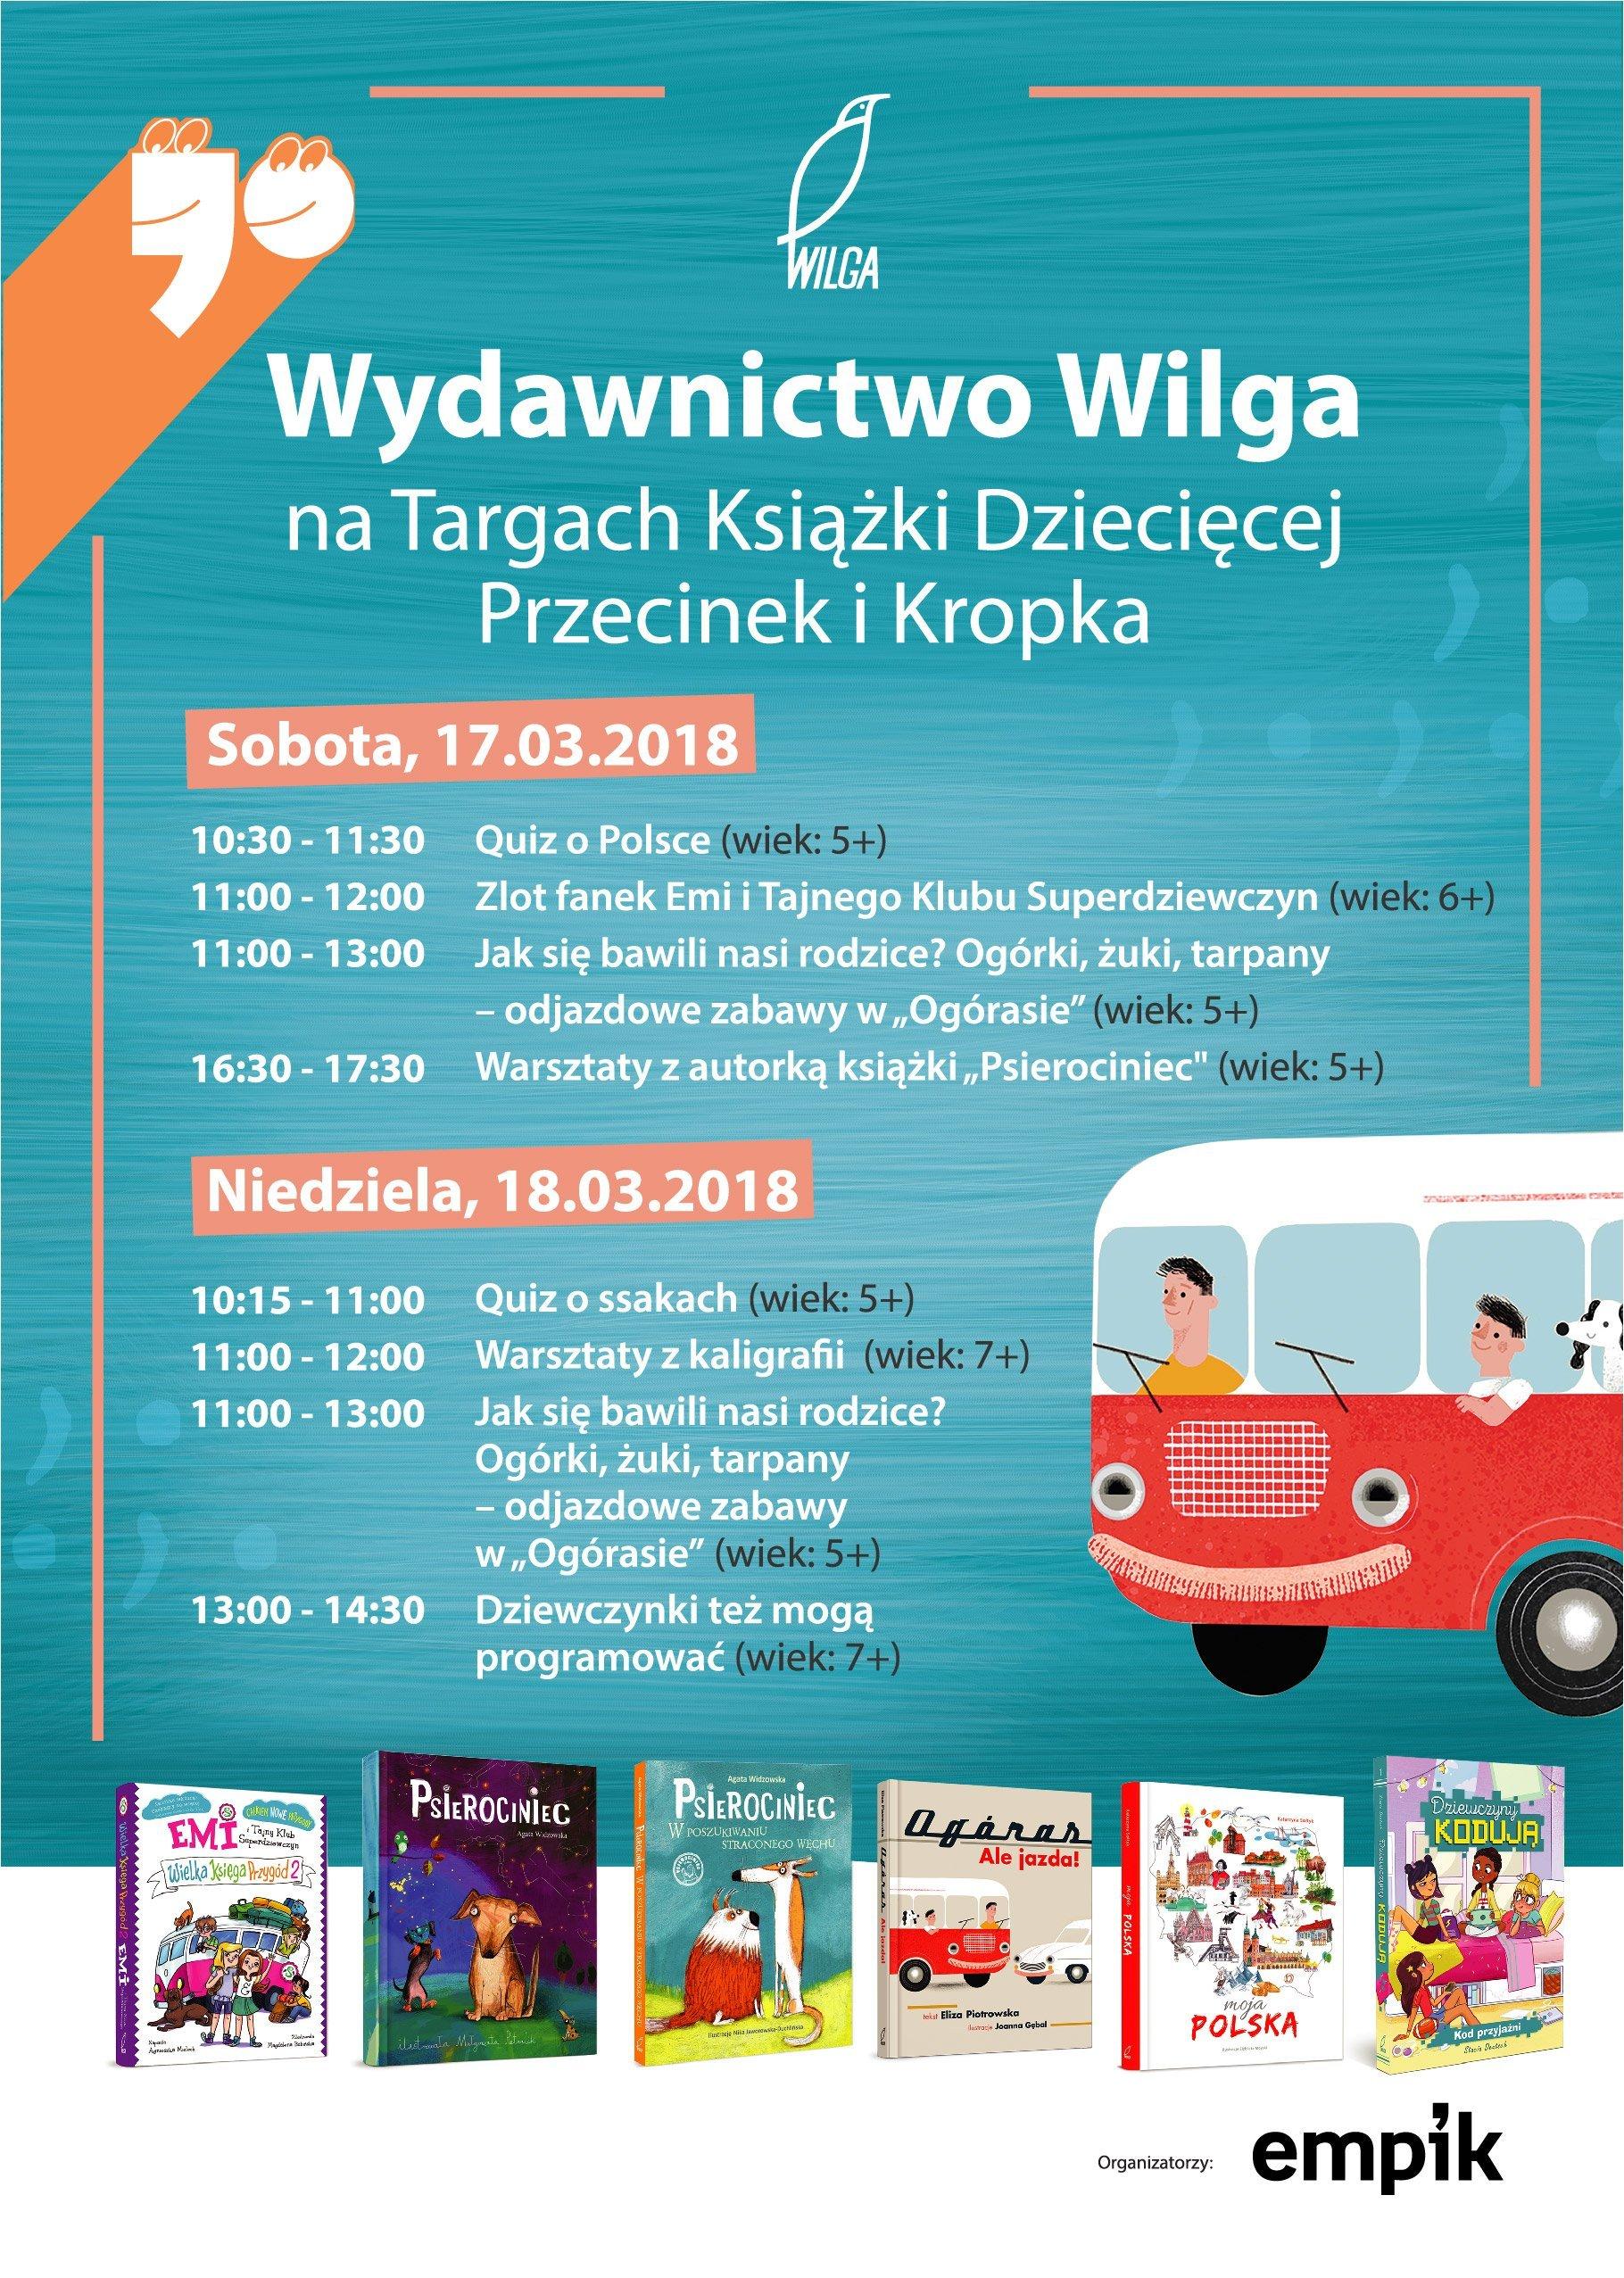 Wydawnictwo Wilga Targi Książki Przecinek i Kropka